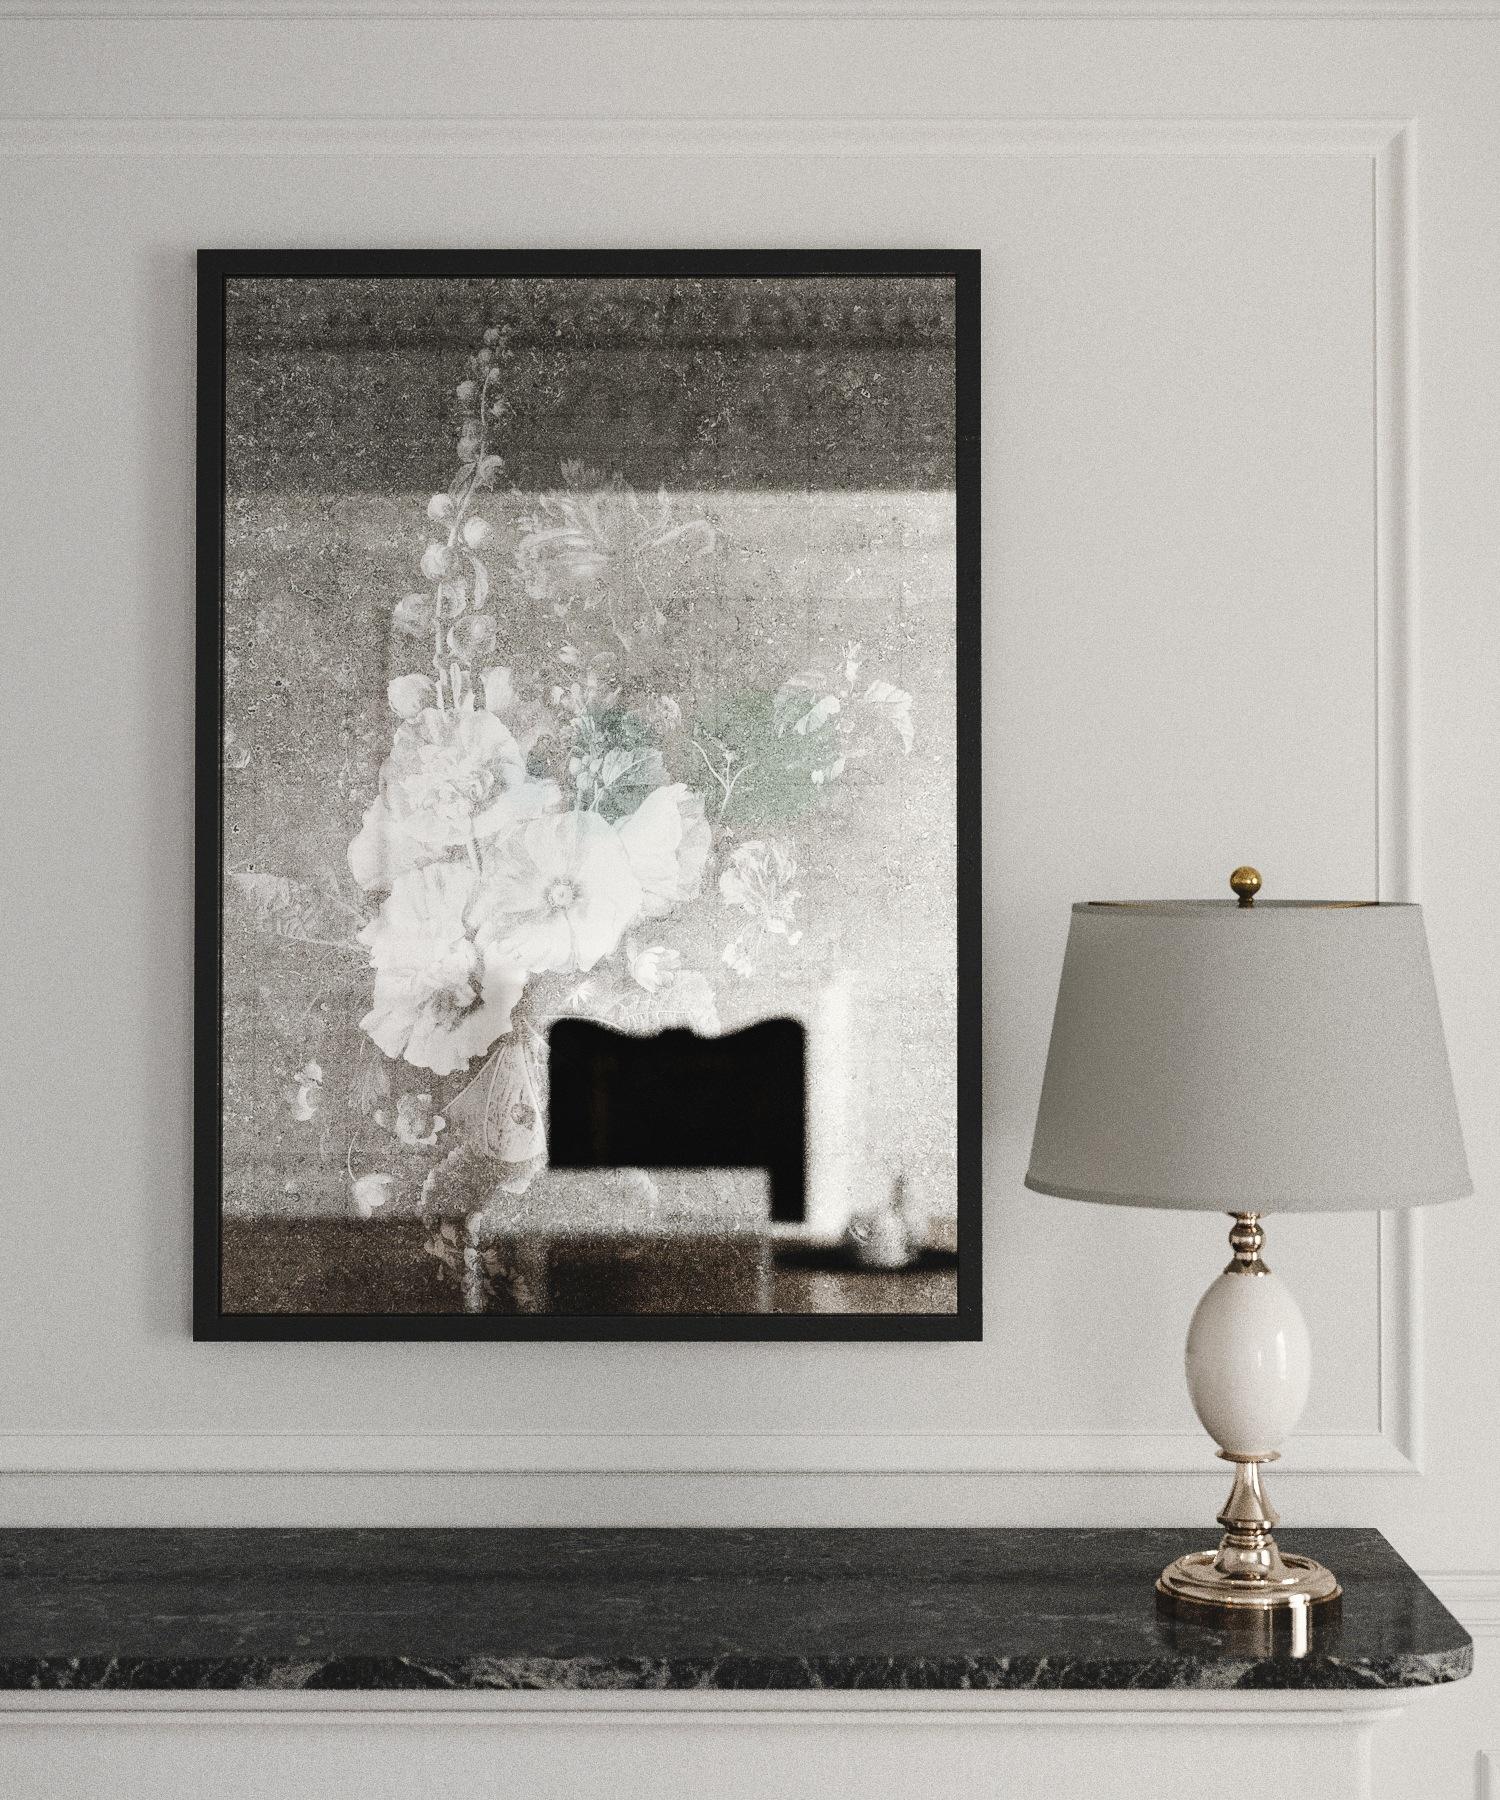 Photo of Verre Eglomise mirror